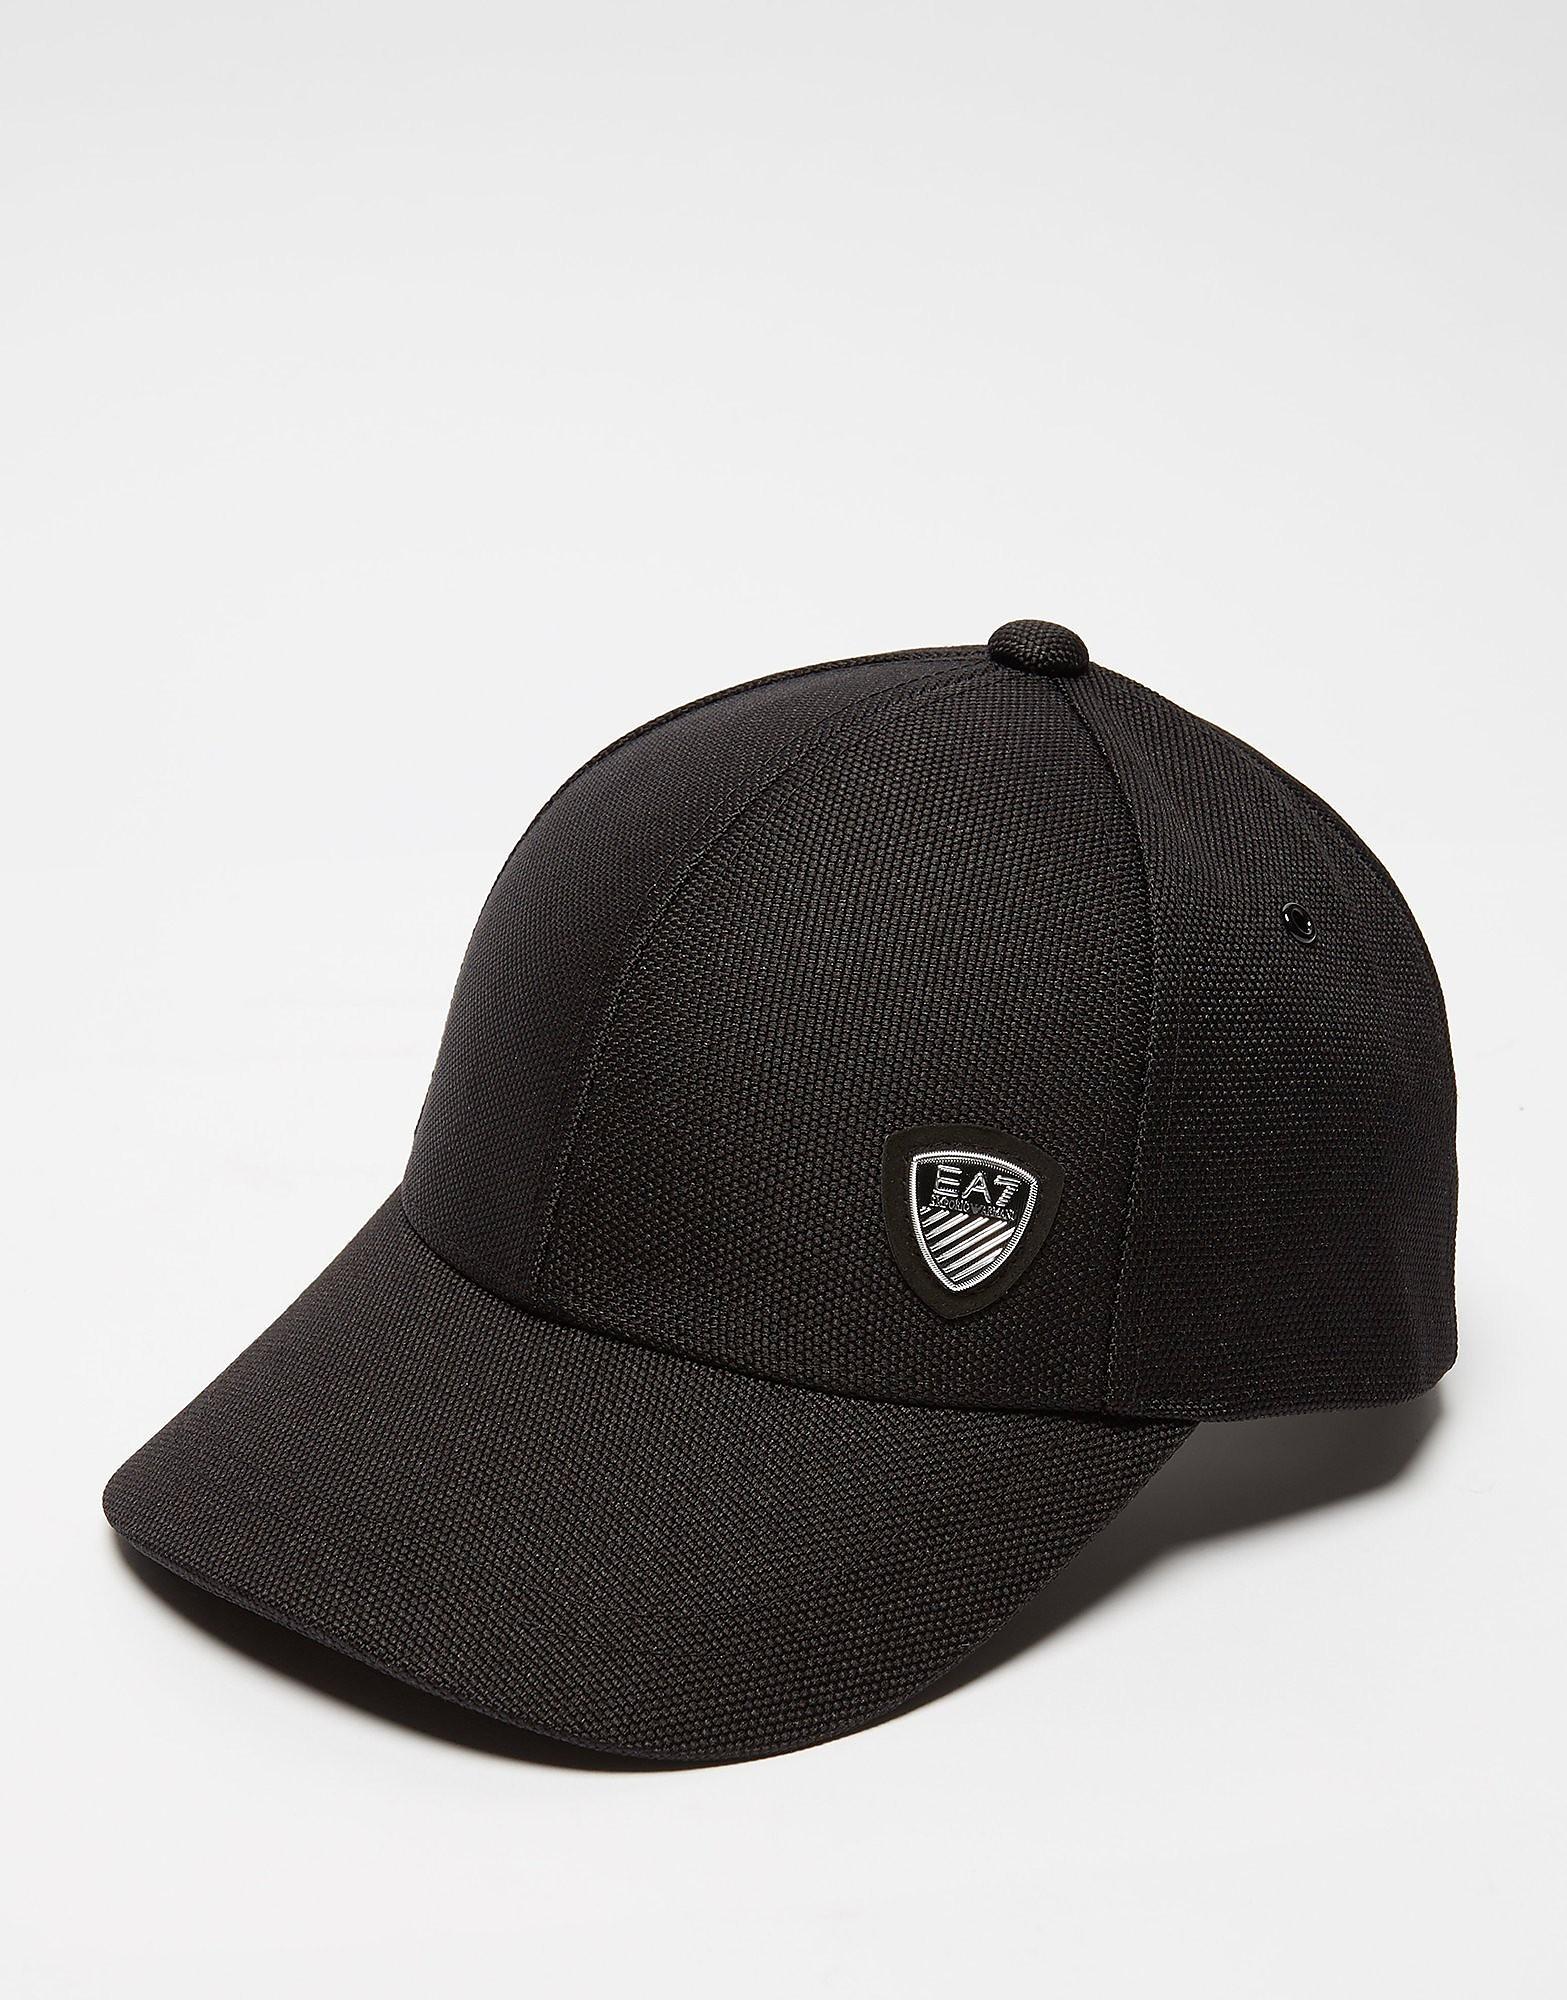 Emporio Armani EA7 Soccer Cap  Black Black